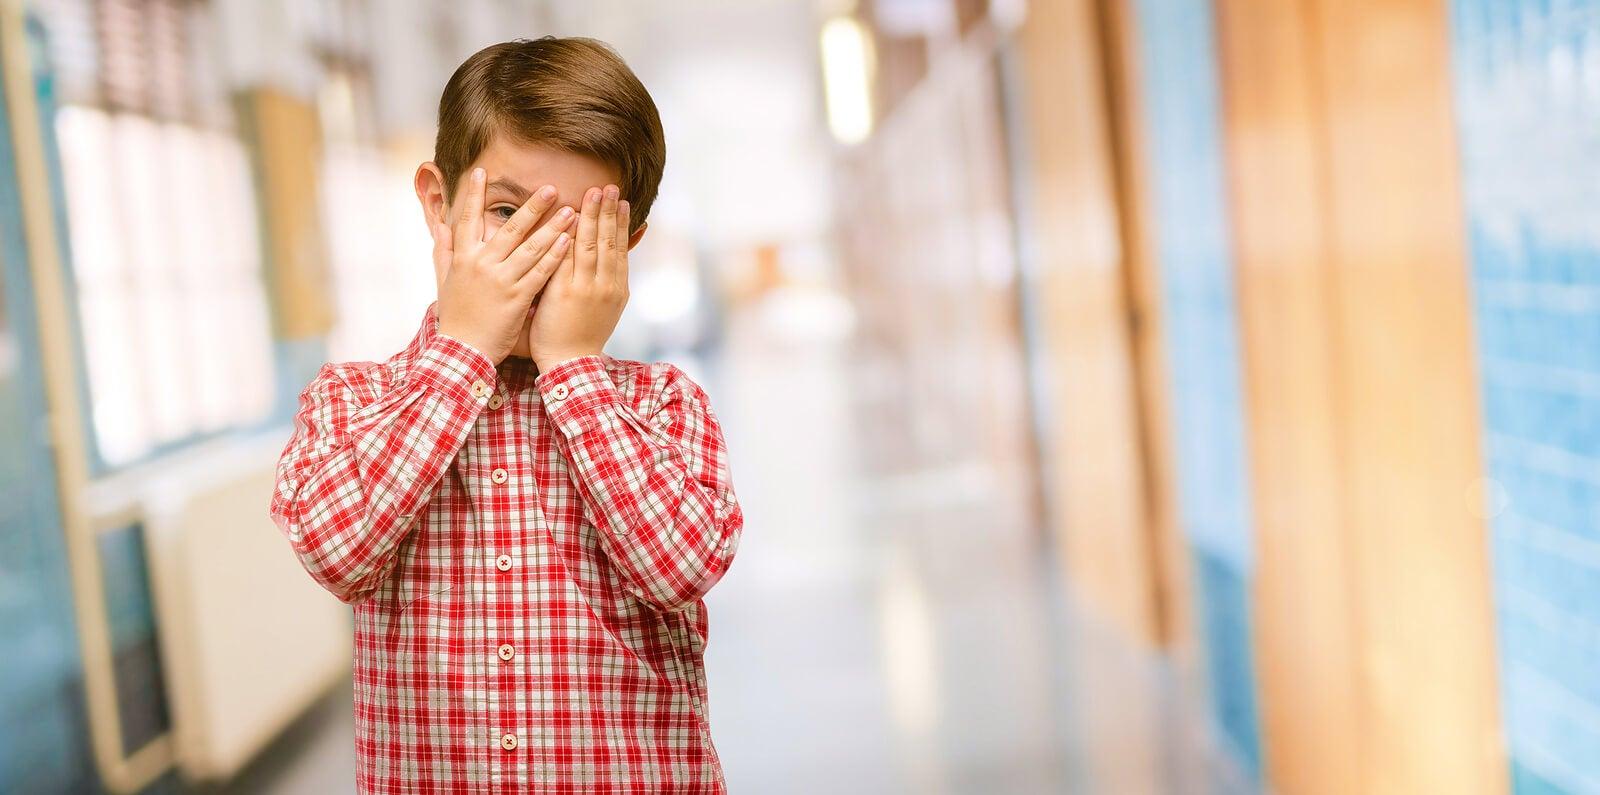 Niño tapándose la cara porque sufre vergüenza tóxica.